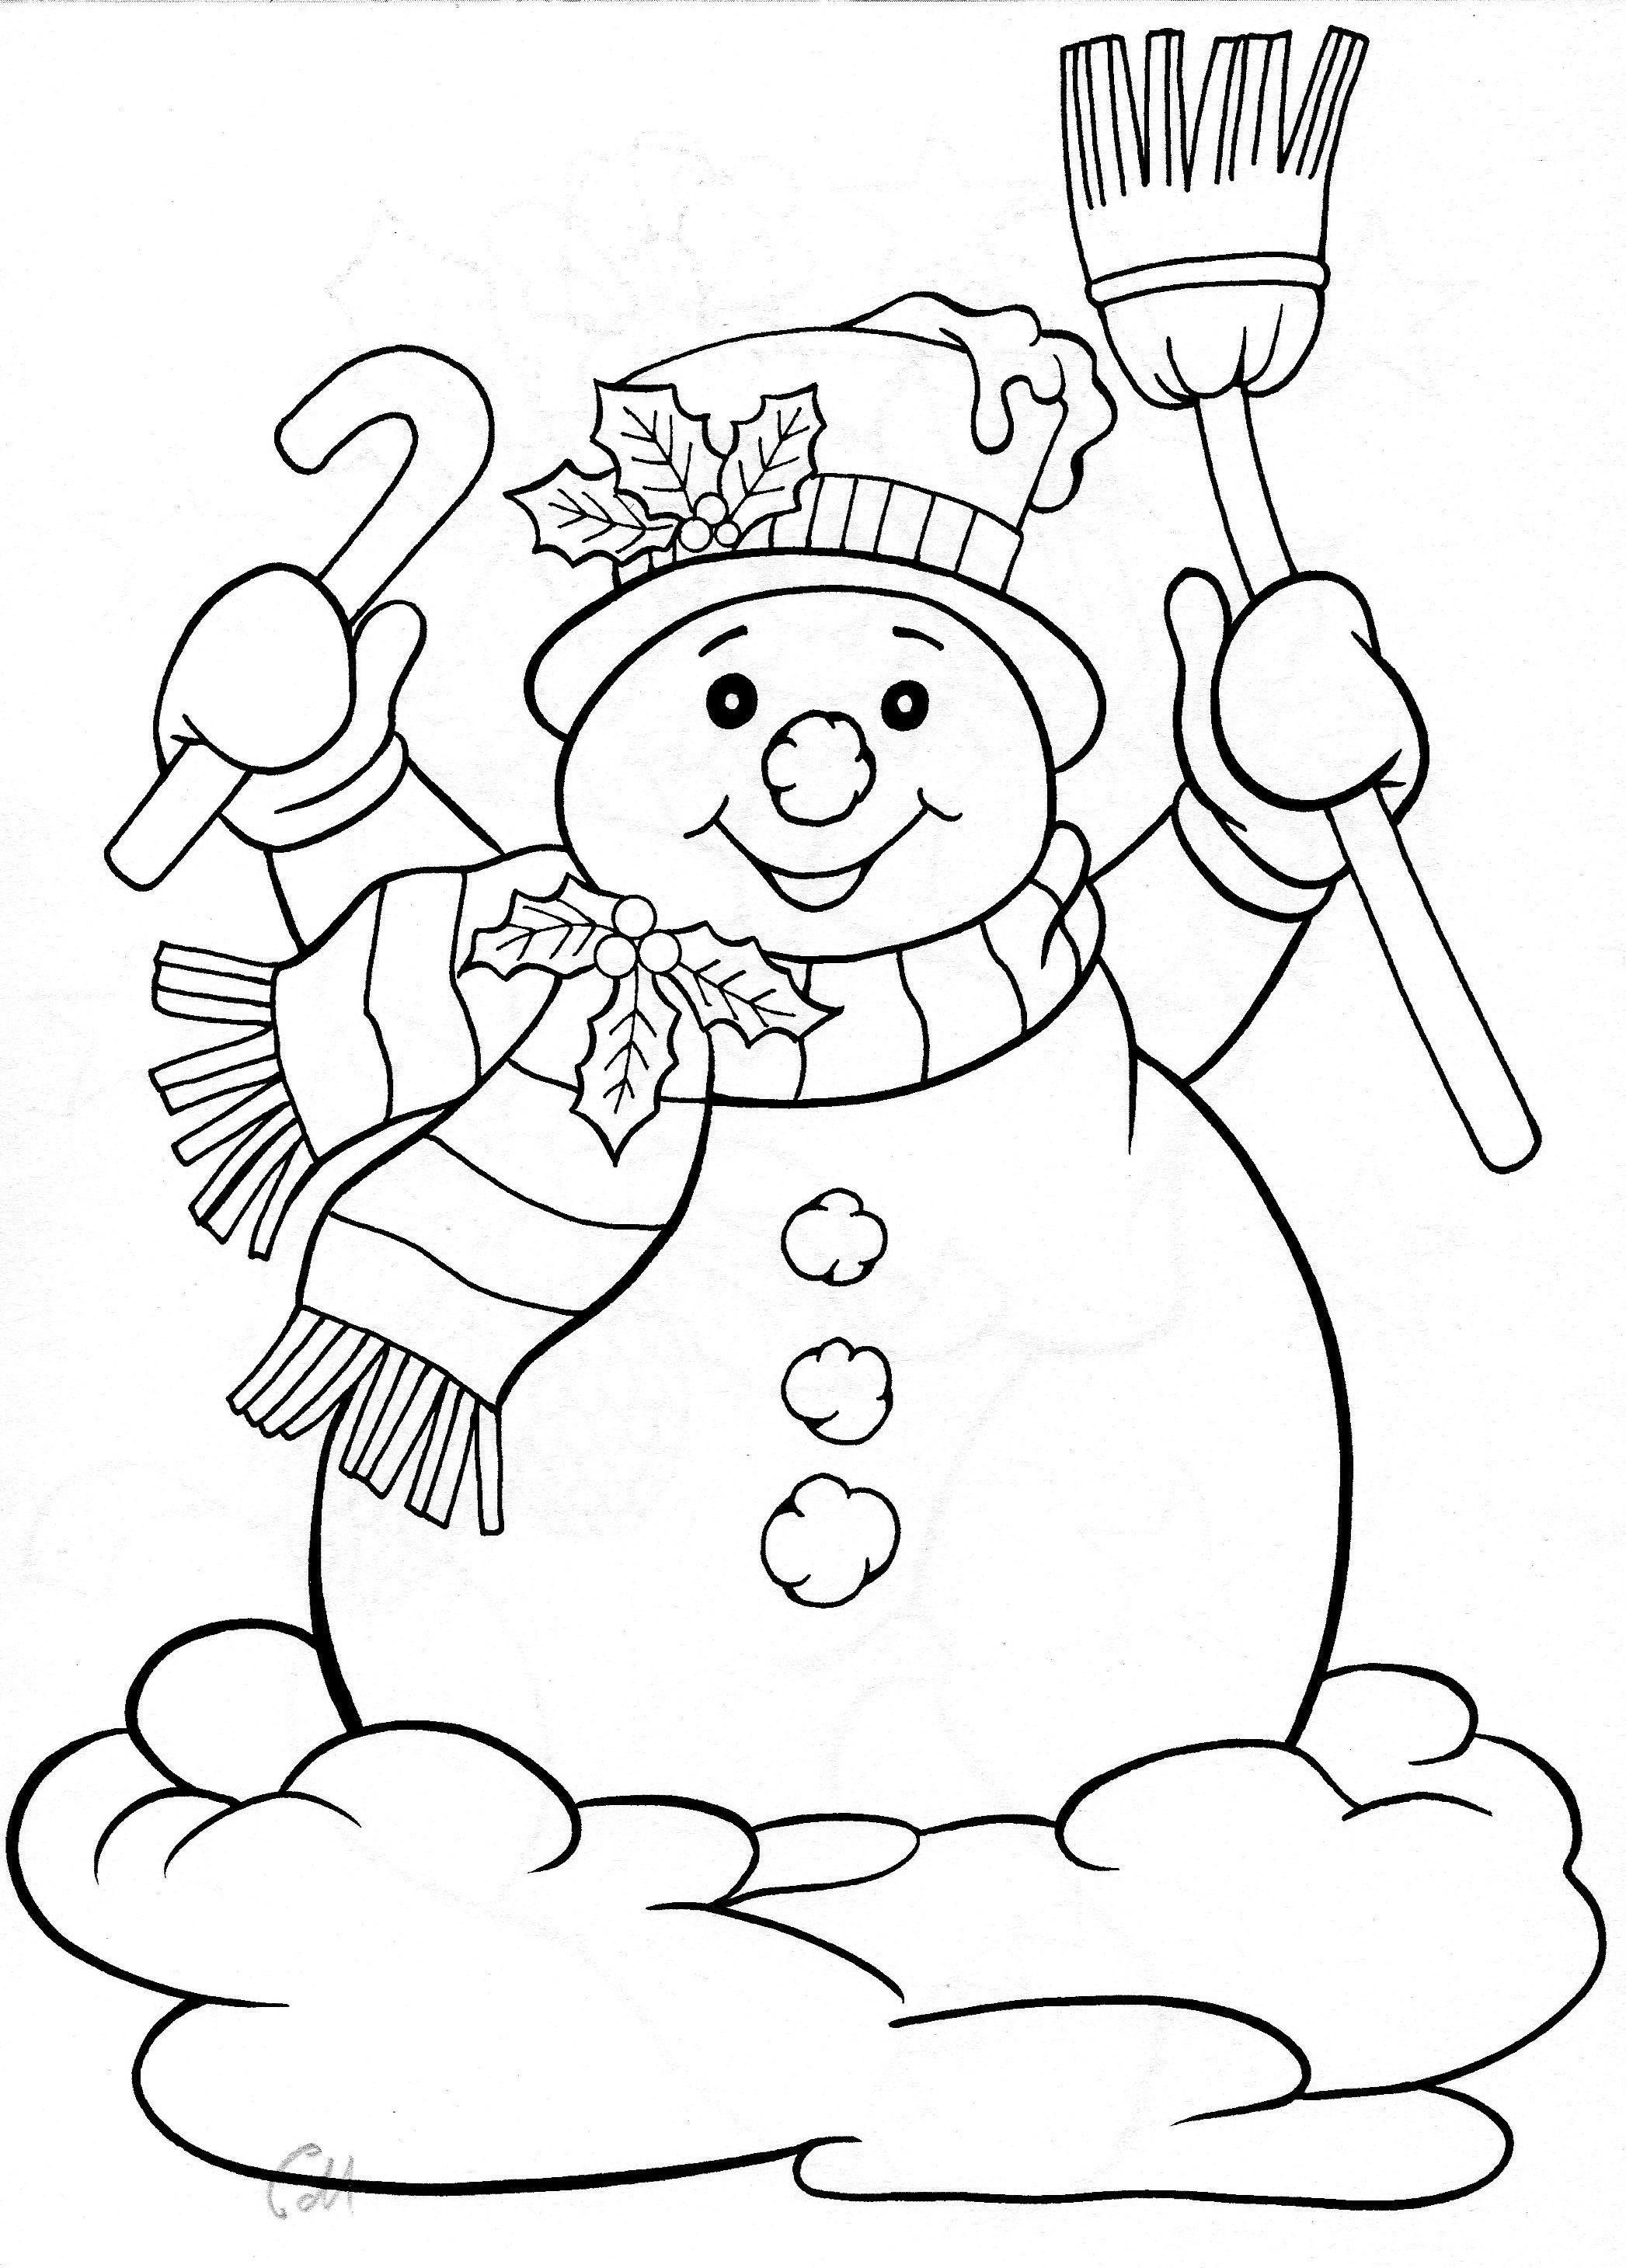 Christmas Coloring Pages Met Afbeeldingen Kleurplaten Kleurplaten Voor Kinderen Quilts Patronen